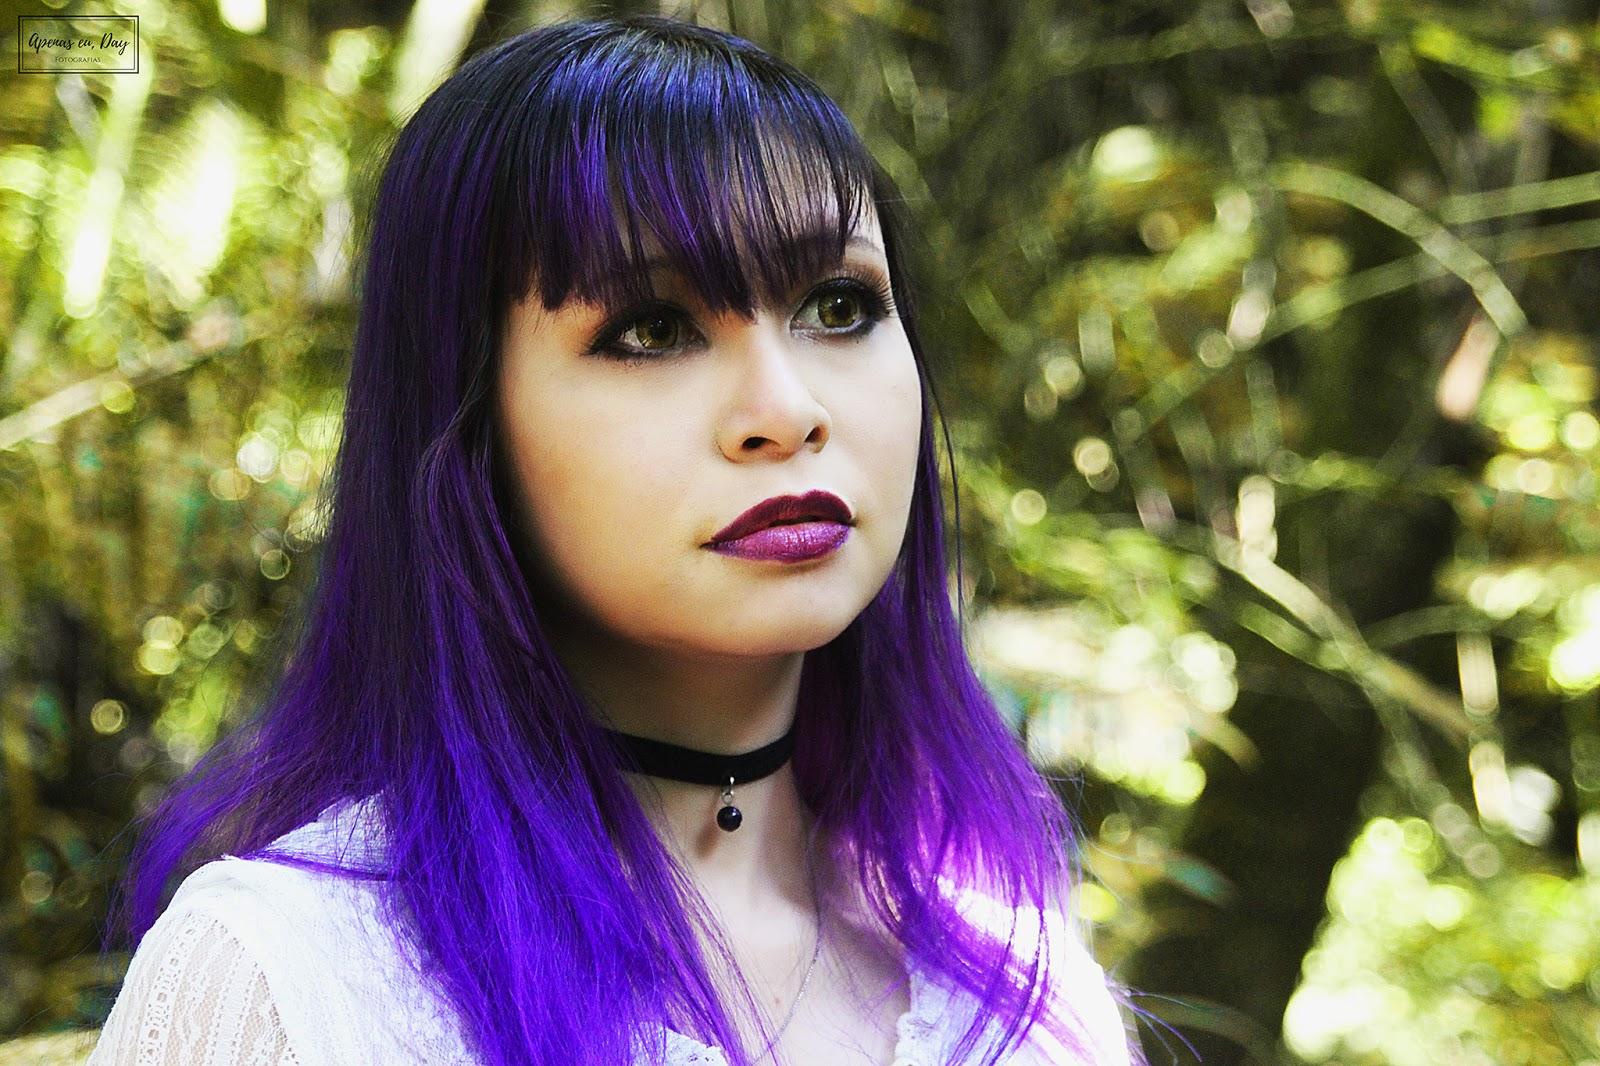 Nova fotógrafa voltada para público alternativo traz uma pegada diferente. Ensaio com Mari Shima. Acesse agora!